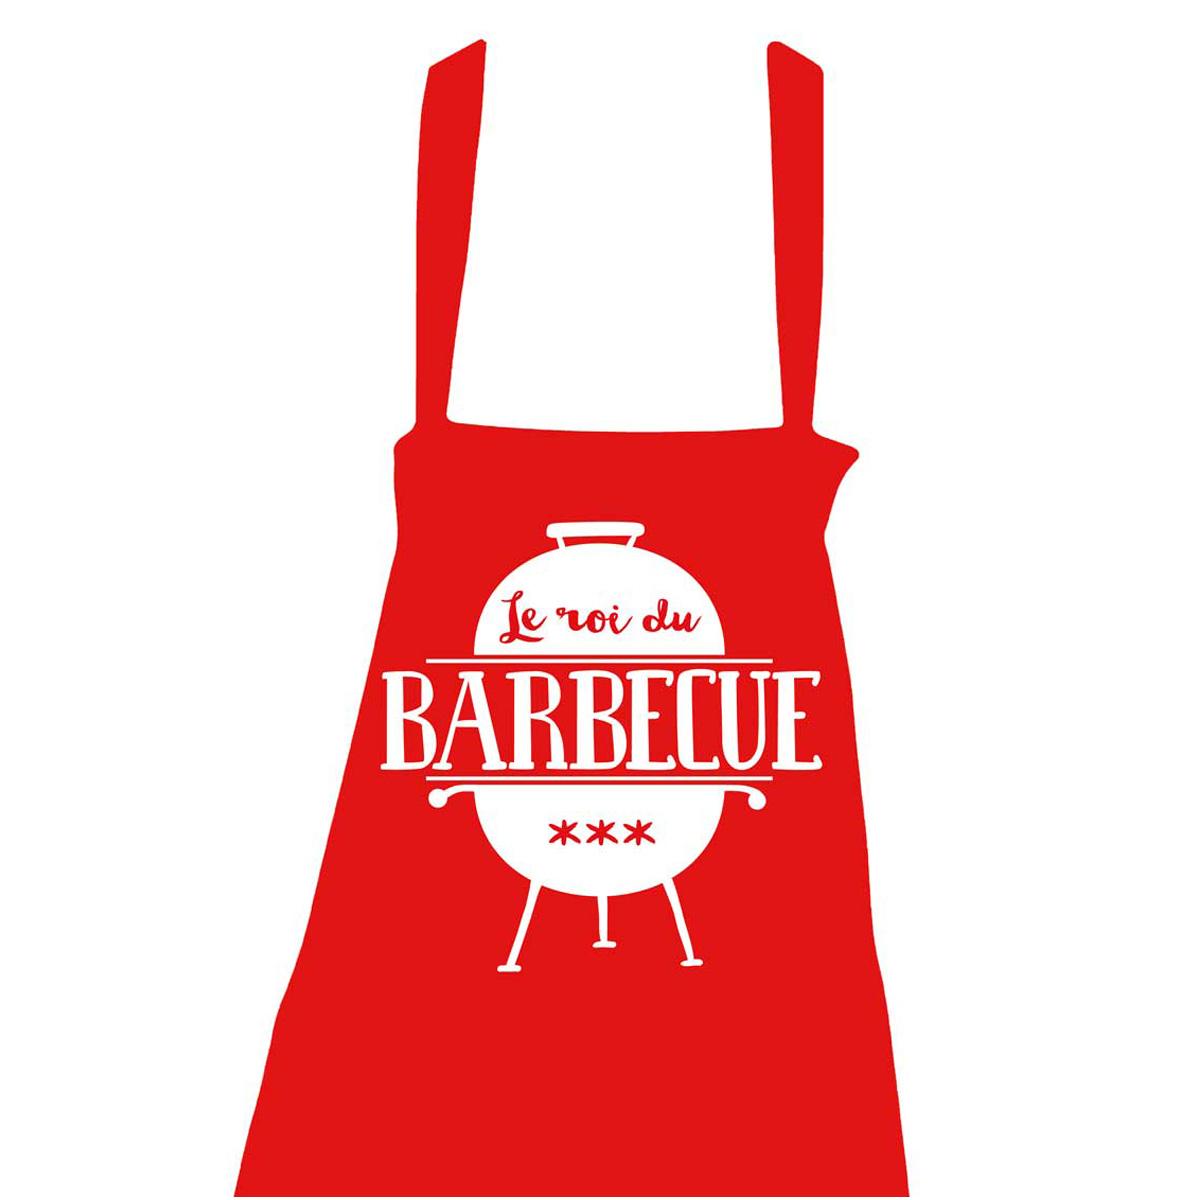 Tablier coton \'Messages\' rouge (Le roi du Barbecue - barbecue) - taille unique - [R1453]